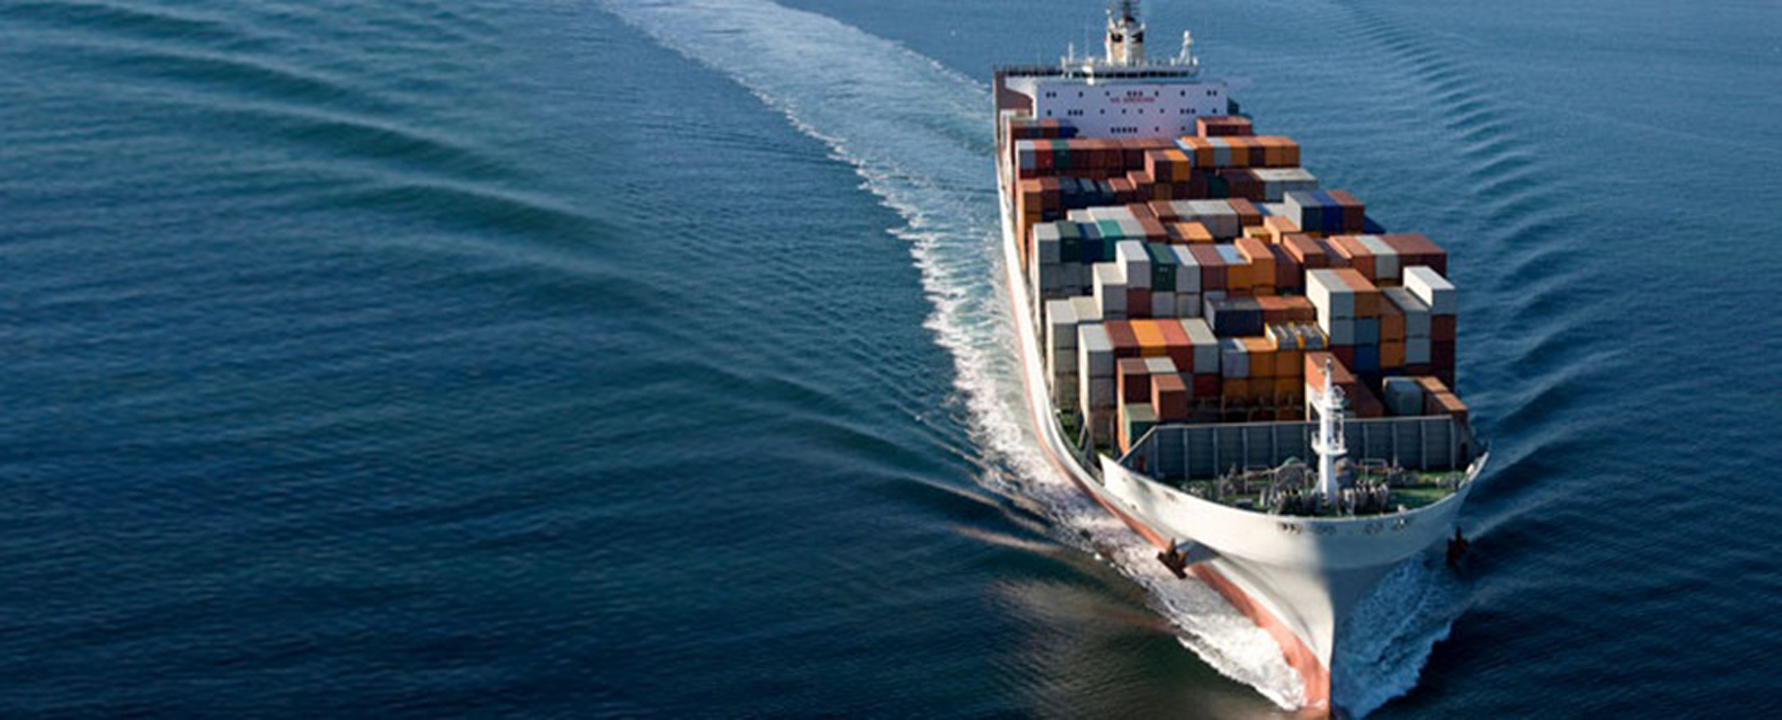 Exportation: le certificat de règles d'origine délivré uniquement les lundis - Le Mauricien